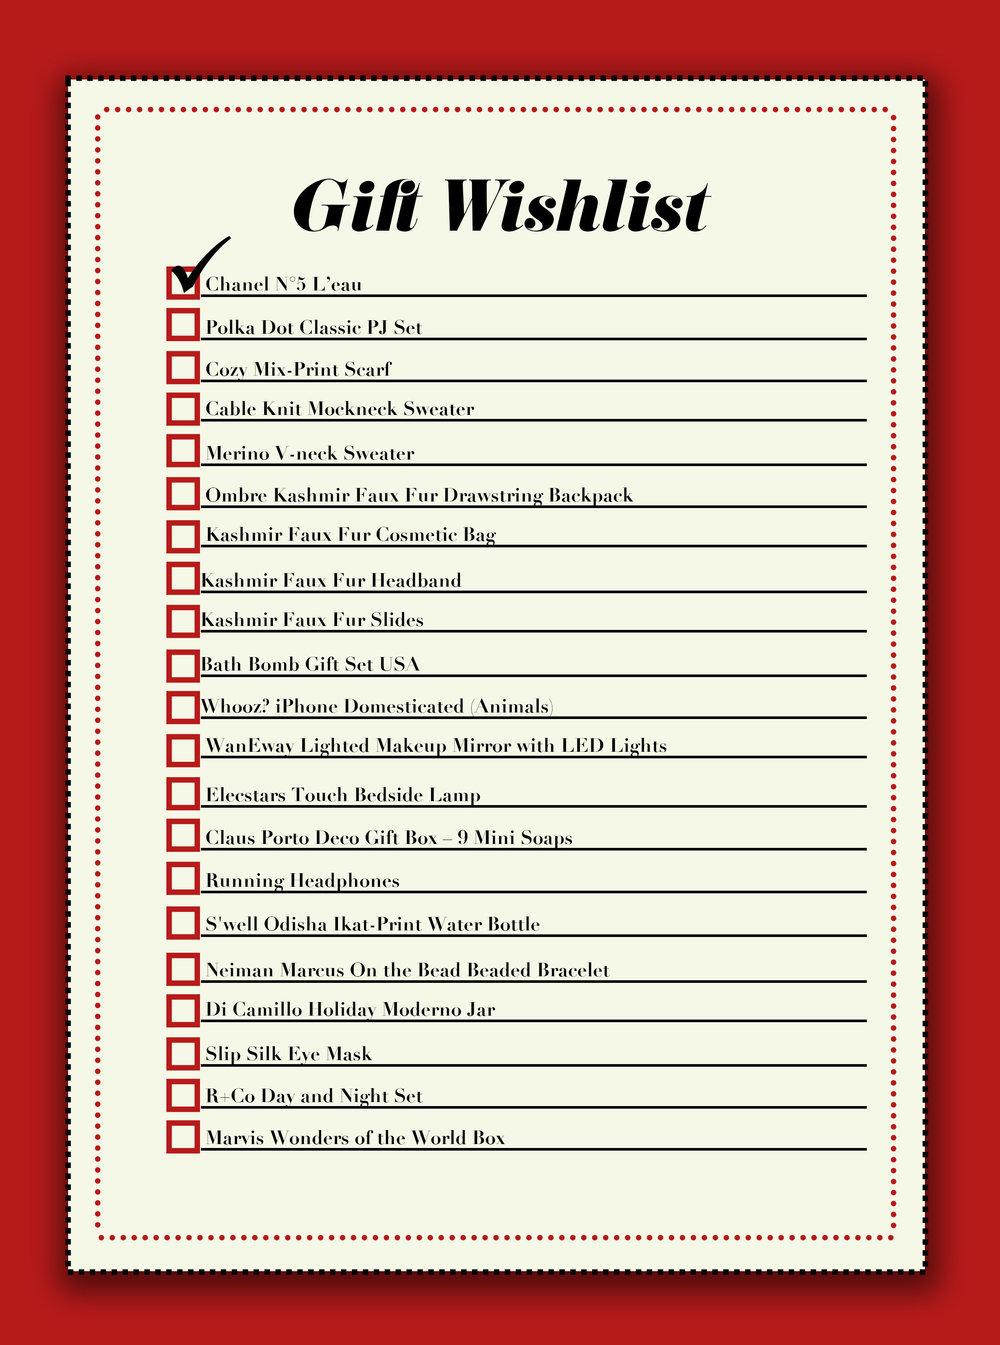 GiftWishlist.jpg